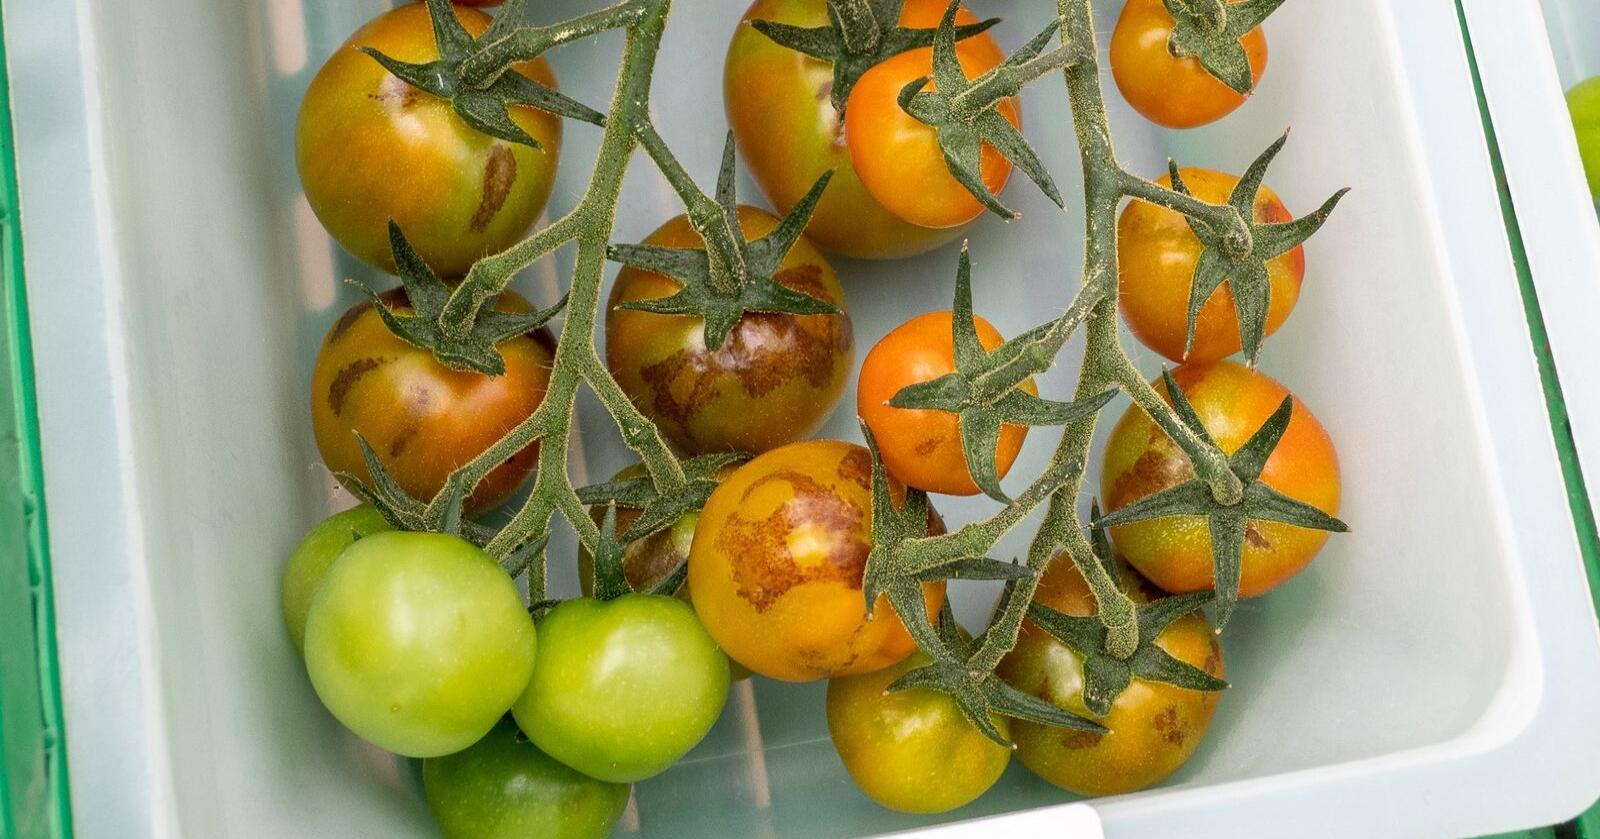 Det er mistanke om viruset Tomato brown rugose fruit virus (ToBRFV), eller tomat-brunflekkvirus, ved NMBU. Alle foto: Dag-Ragnar Blystad